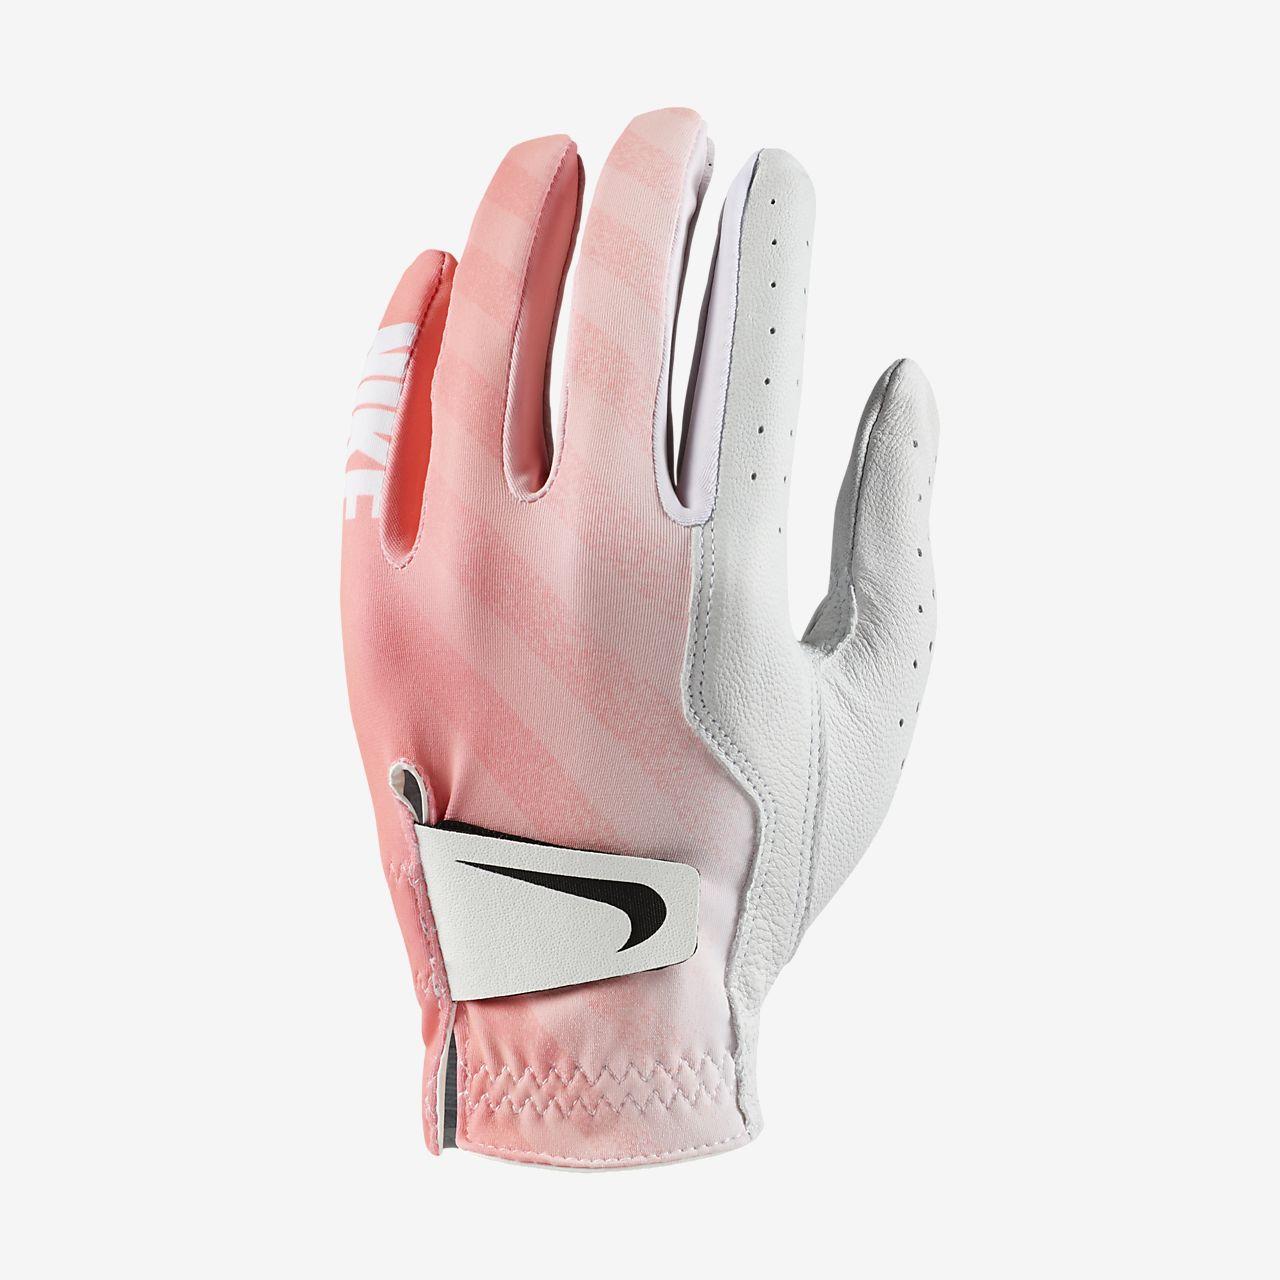 official photos 523ae 4ce02 Nike Tech Women s Golf Glove (Left Regular). Nike.com IE